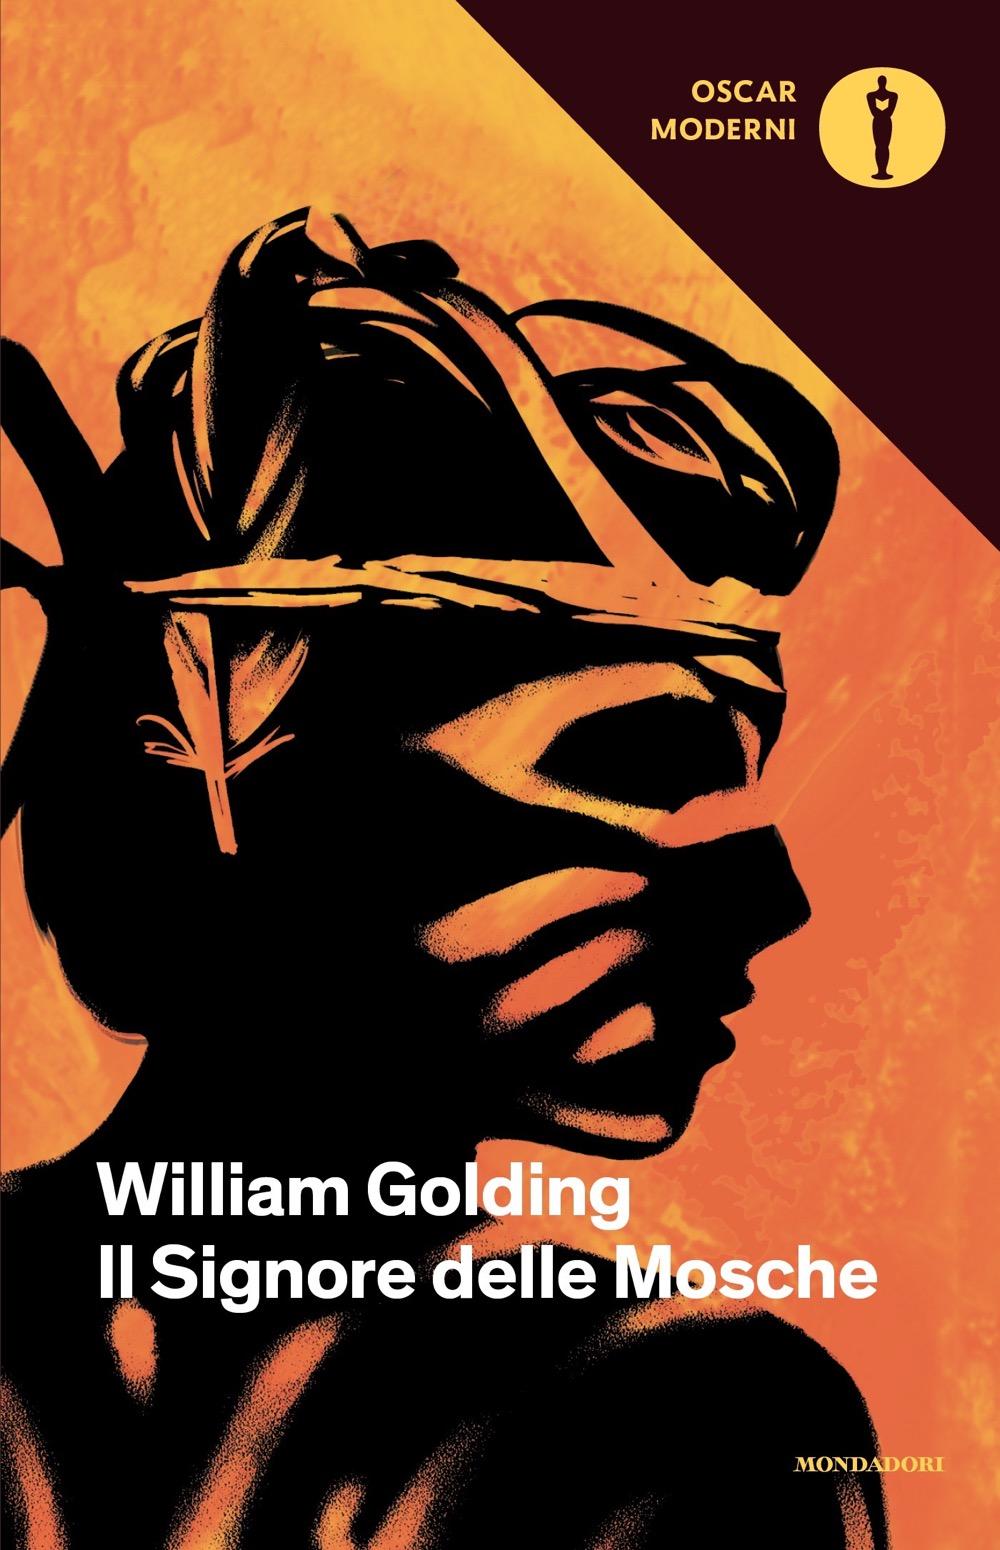 William Golding - Il Signore delle Mosche